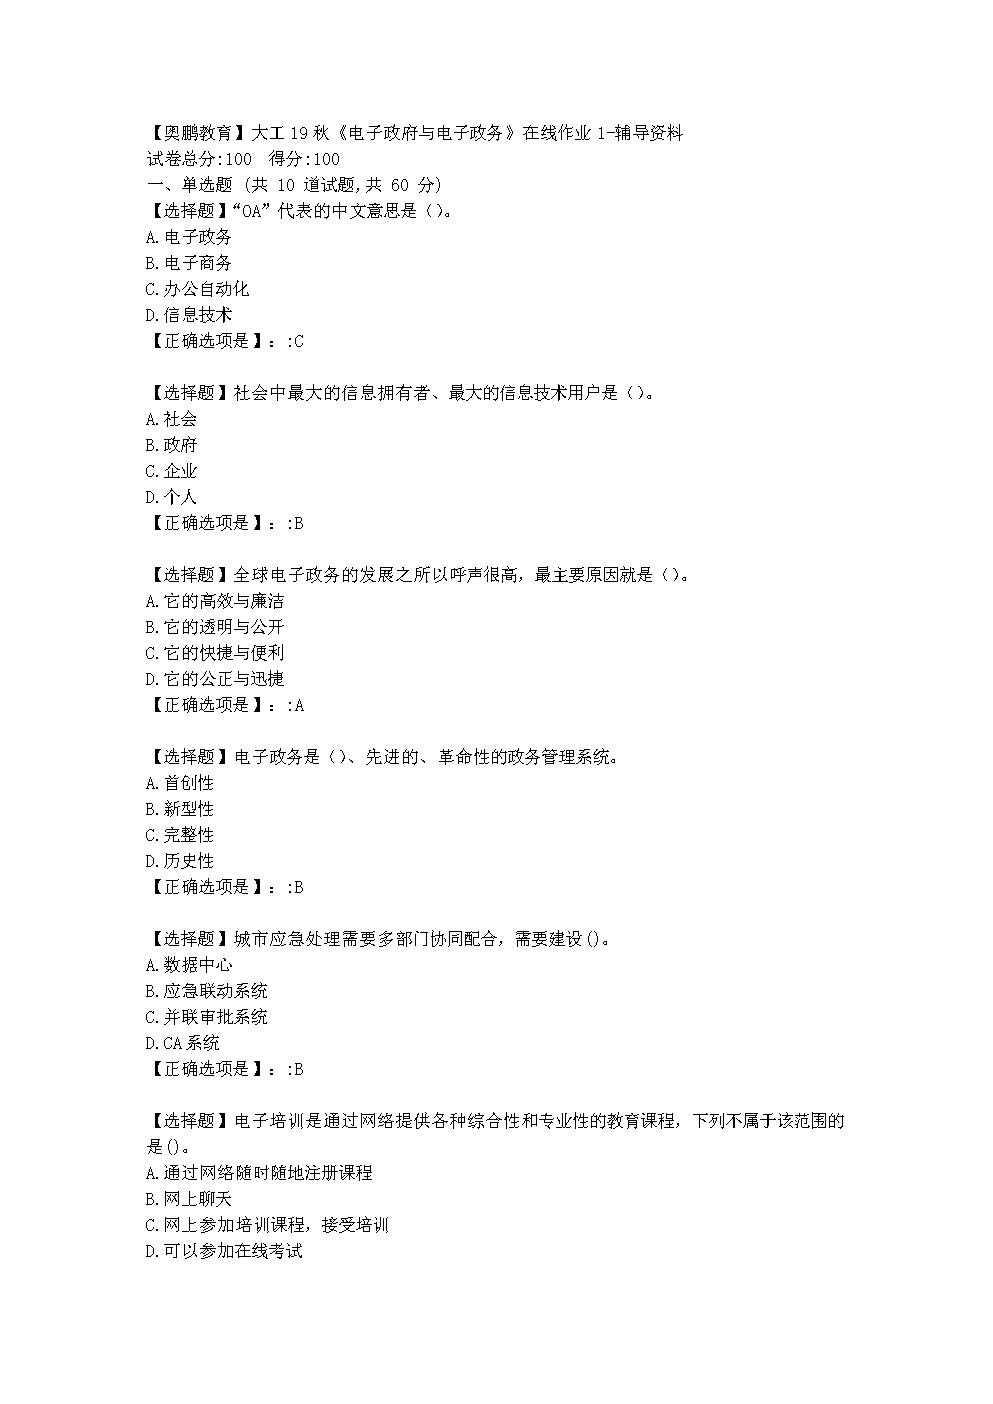 大连理工大学19秋《电子政府与电子政务》在线作业1学习资料.doc